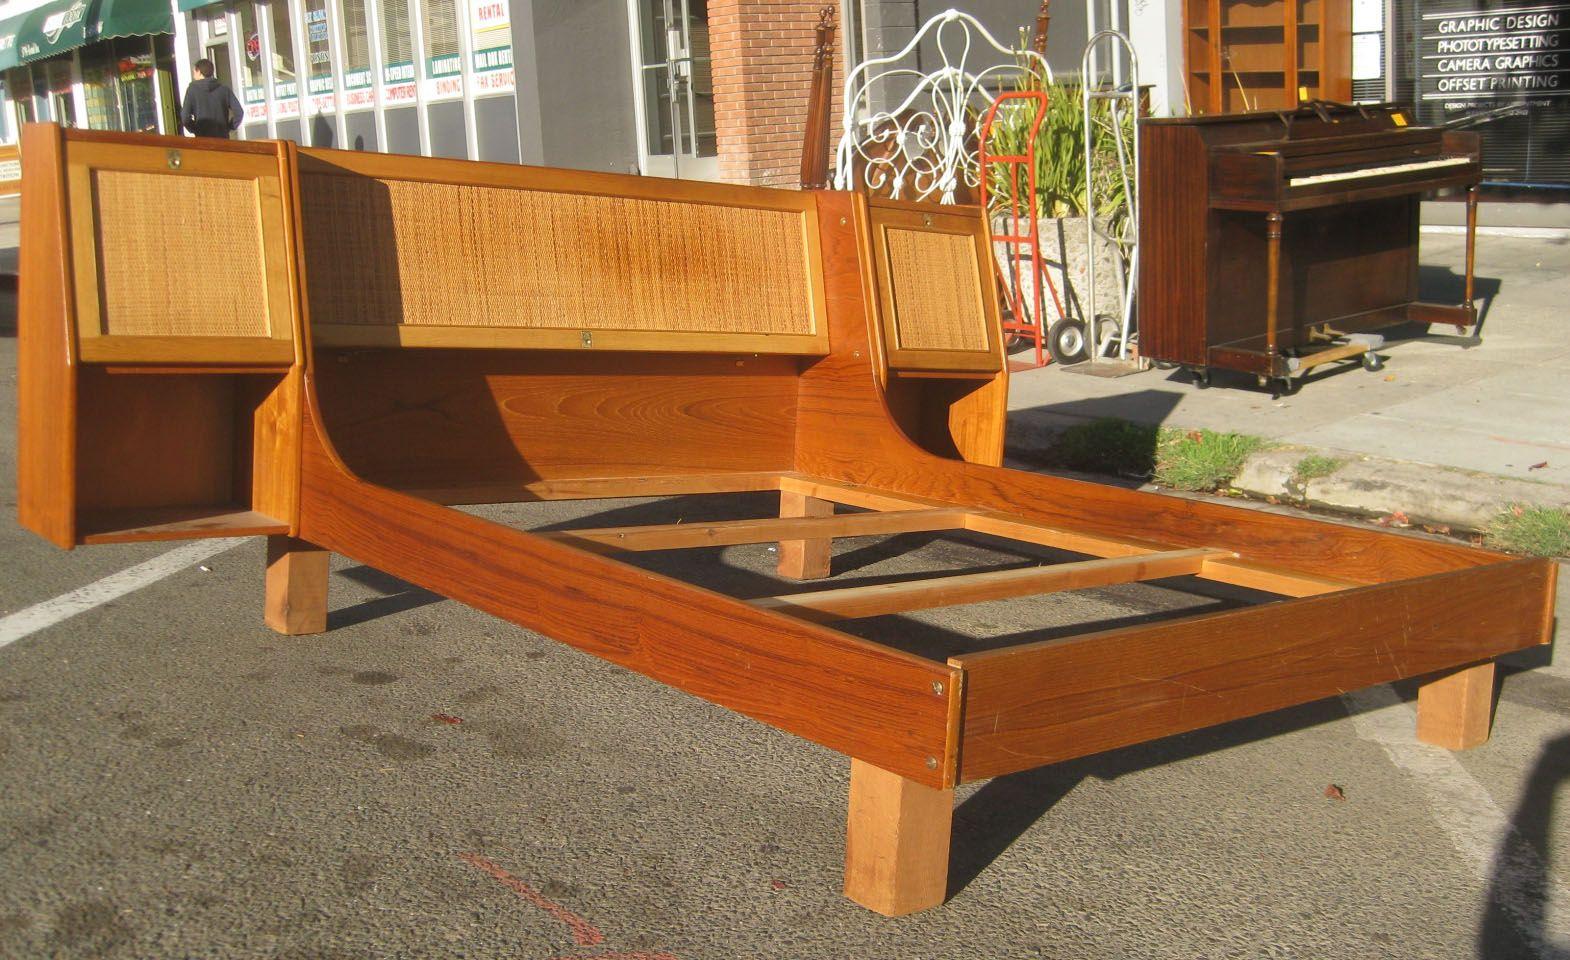 17 best images about platform beds on pinterest   modern bed